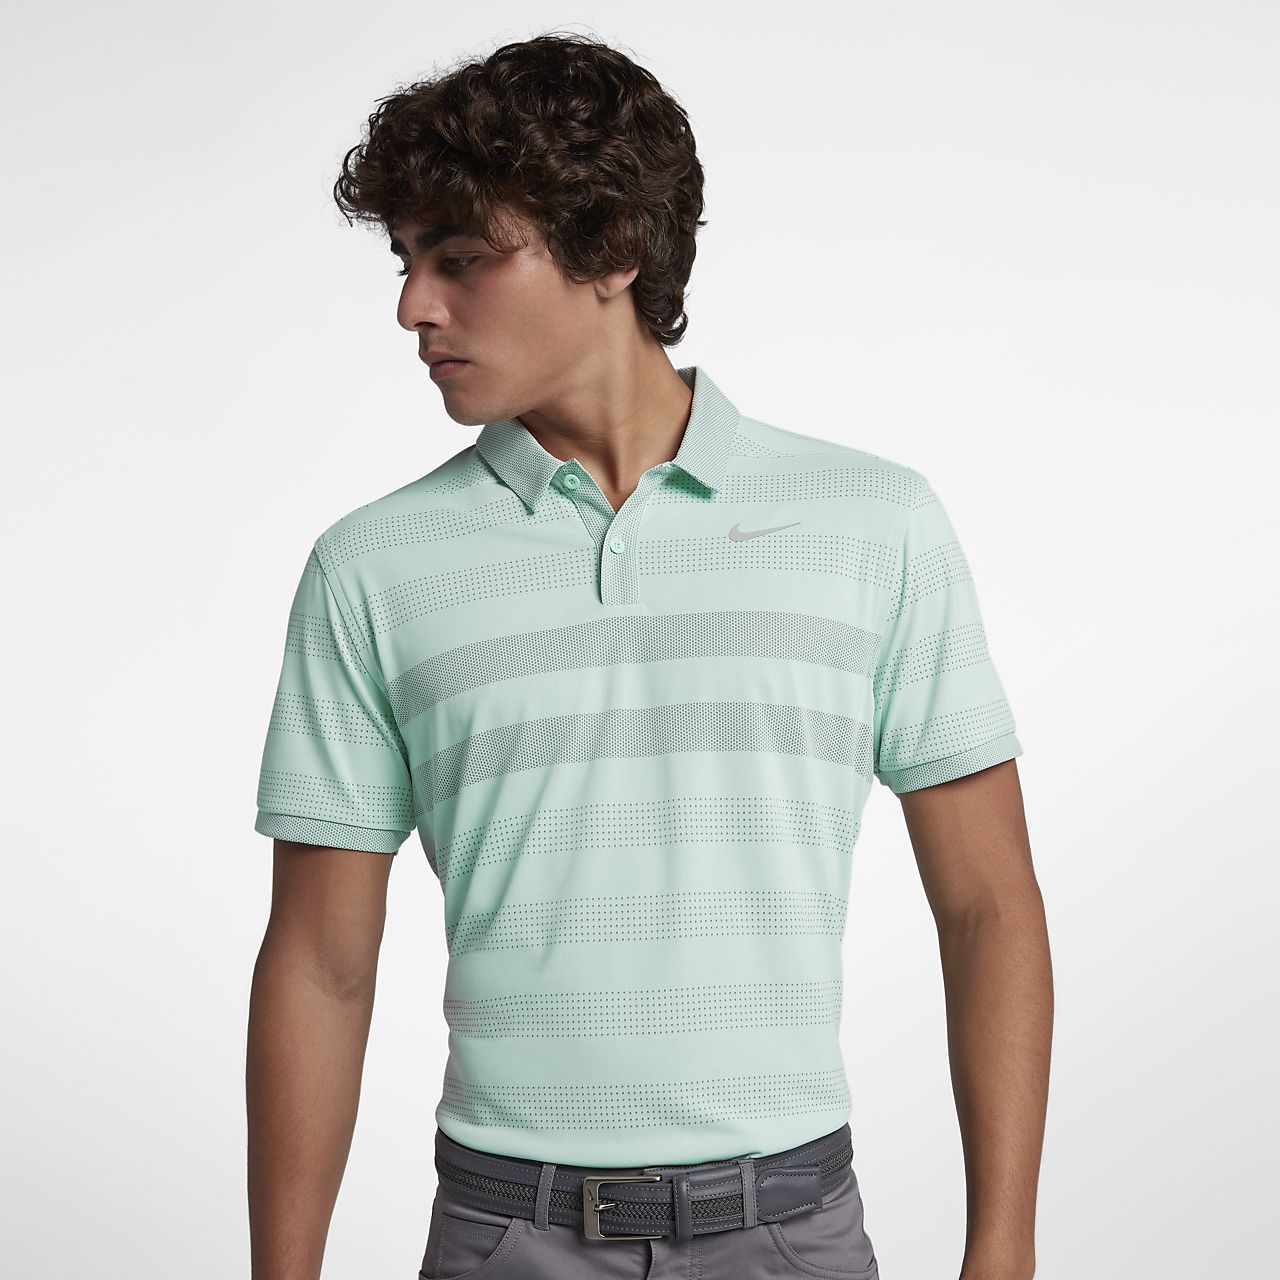 Pánská golfová polokošile Nike TechKnit Cool s proužky